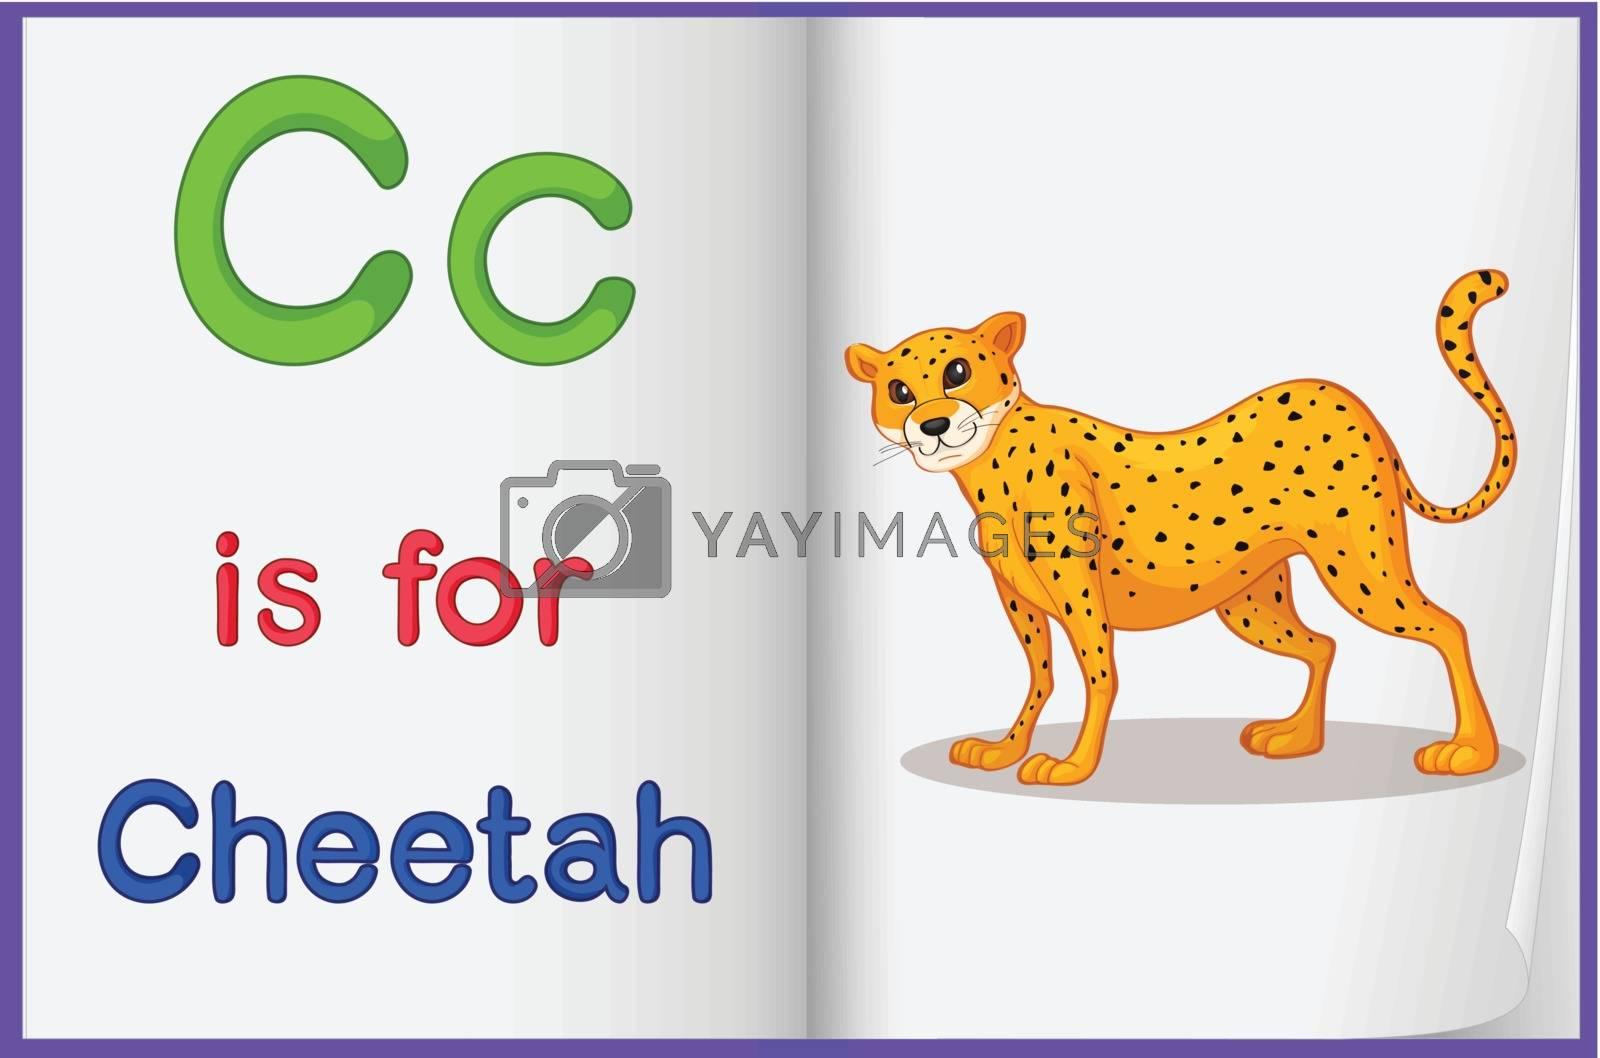 Alphabet worksheet for the letter C